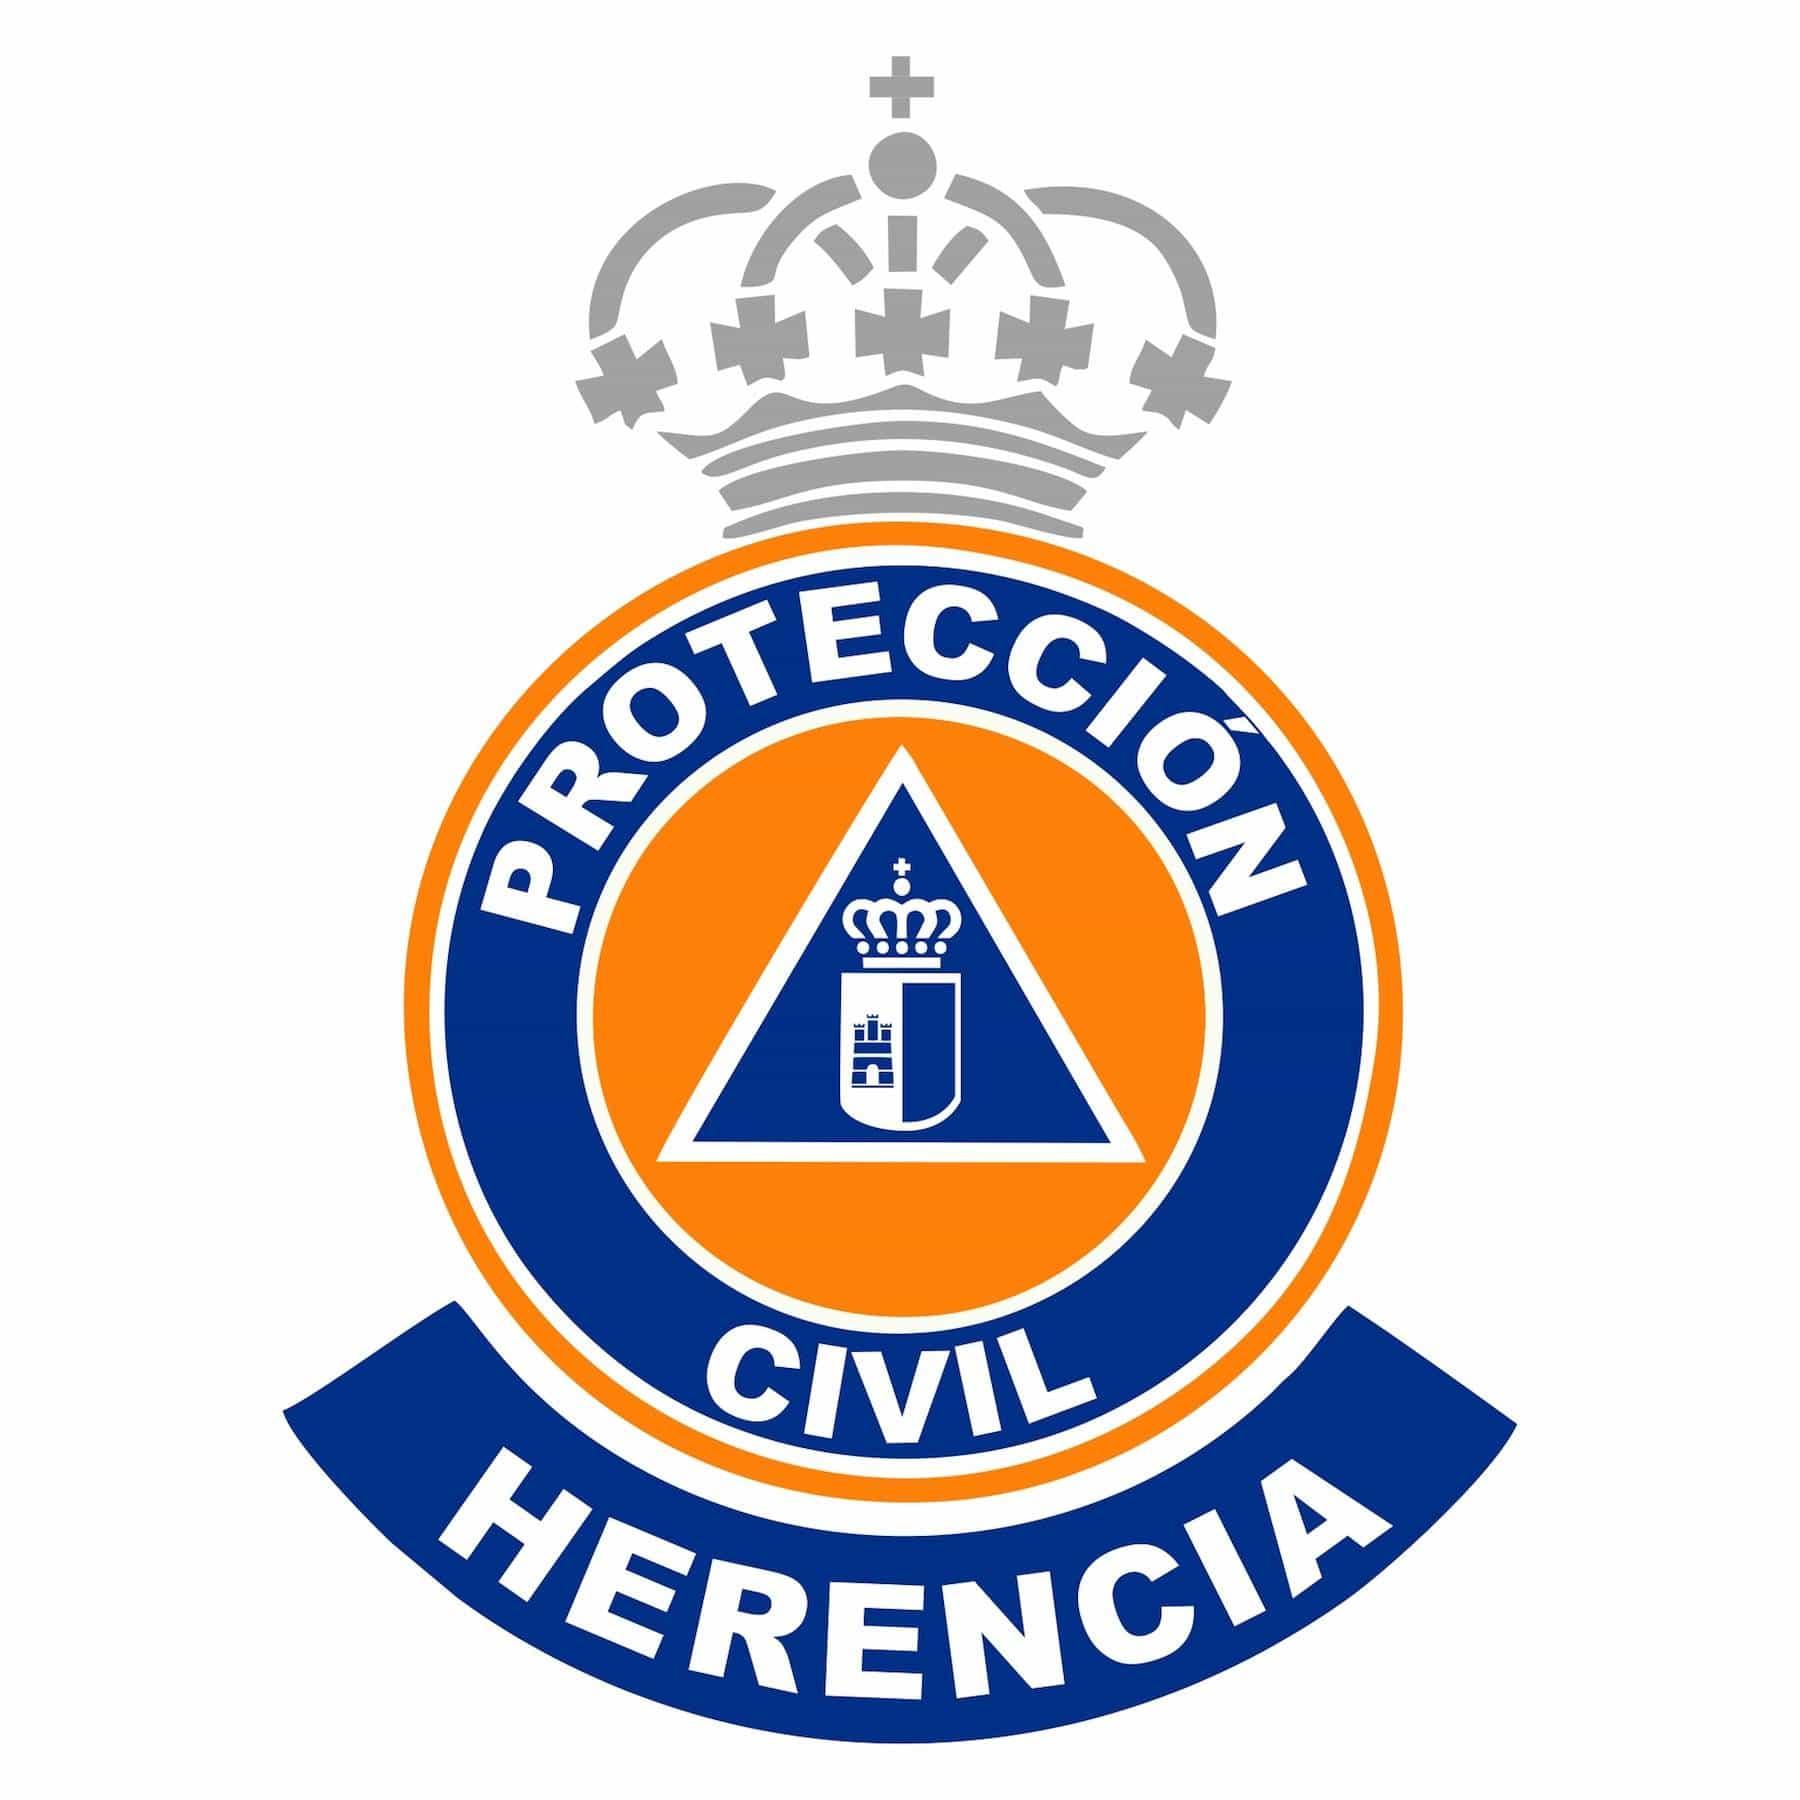 LOGO Proteccion Civil Herencia - Protección Civil de Herencia abre inscripciones para nuevos voluntarios